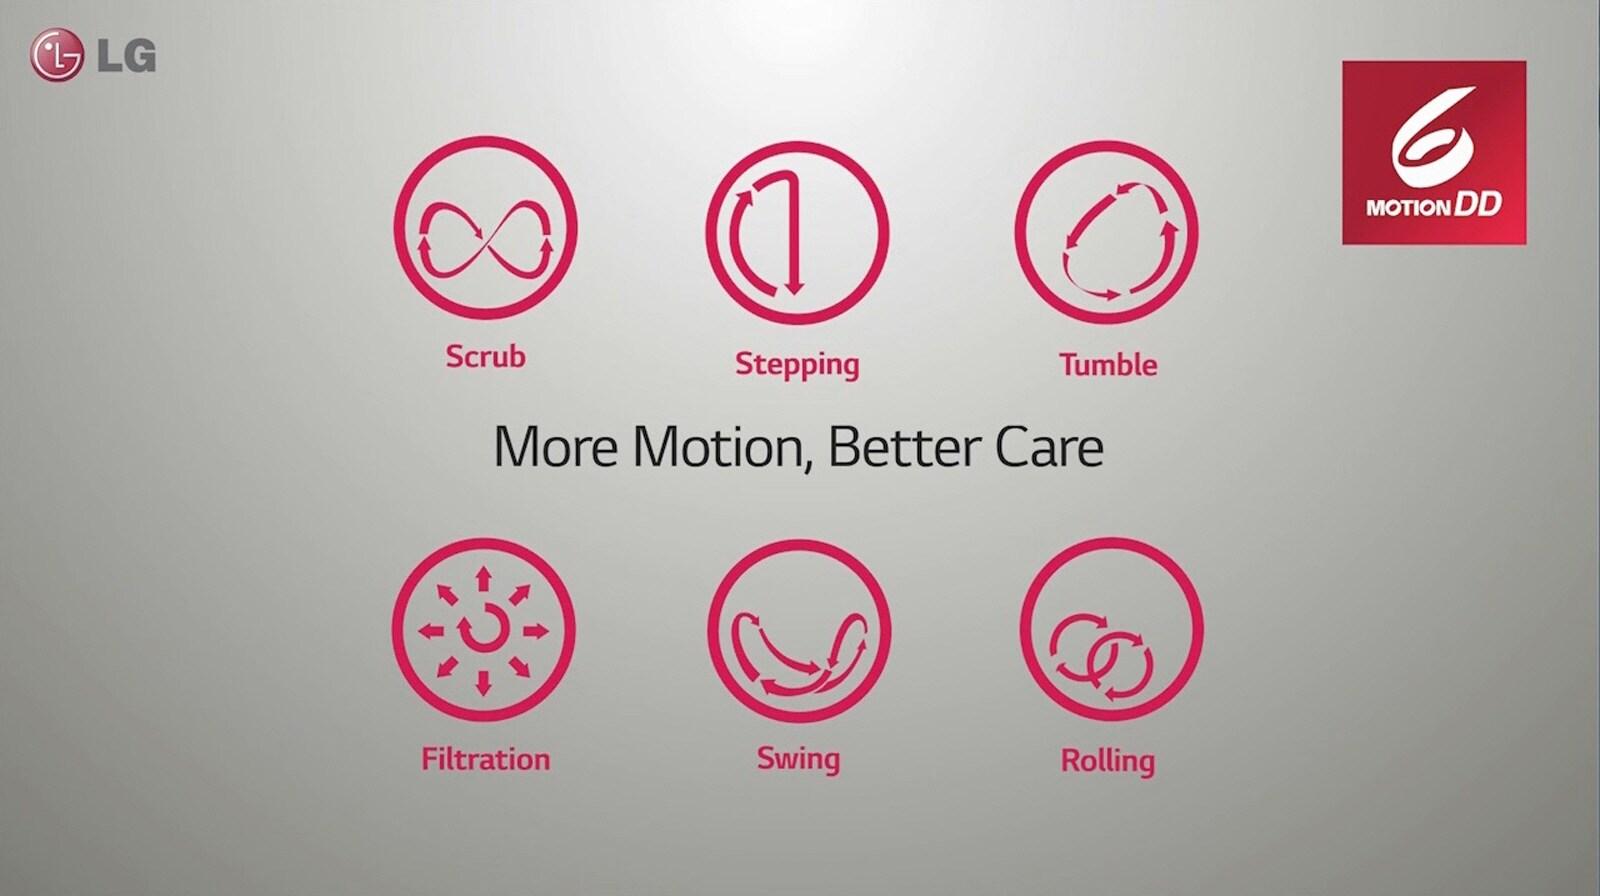 CZ_Prime Plus_2016_6 Motion DD Video